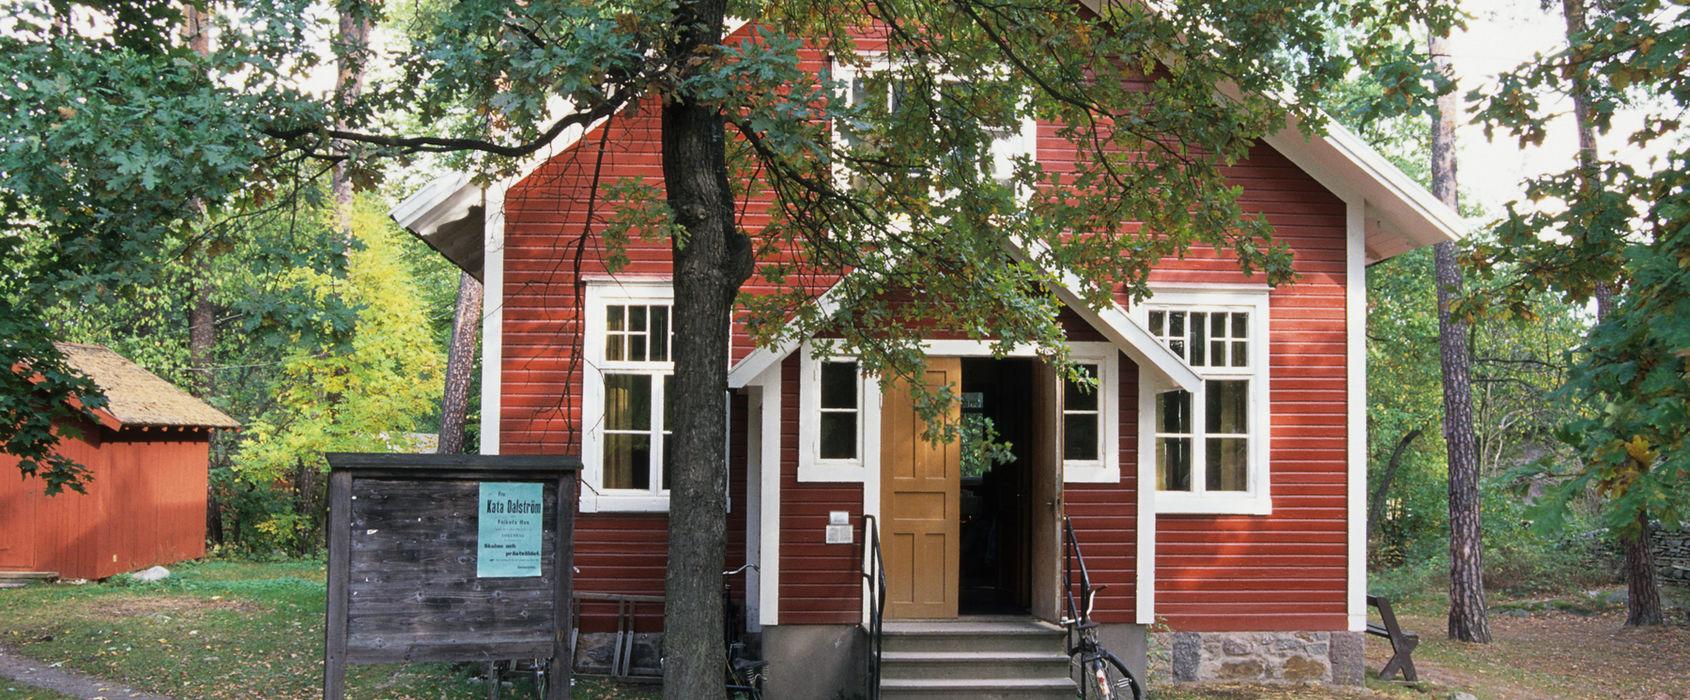 Folkets hus på Skansen